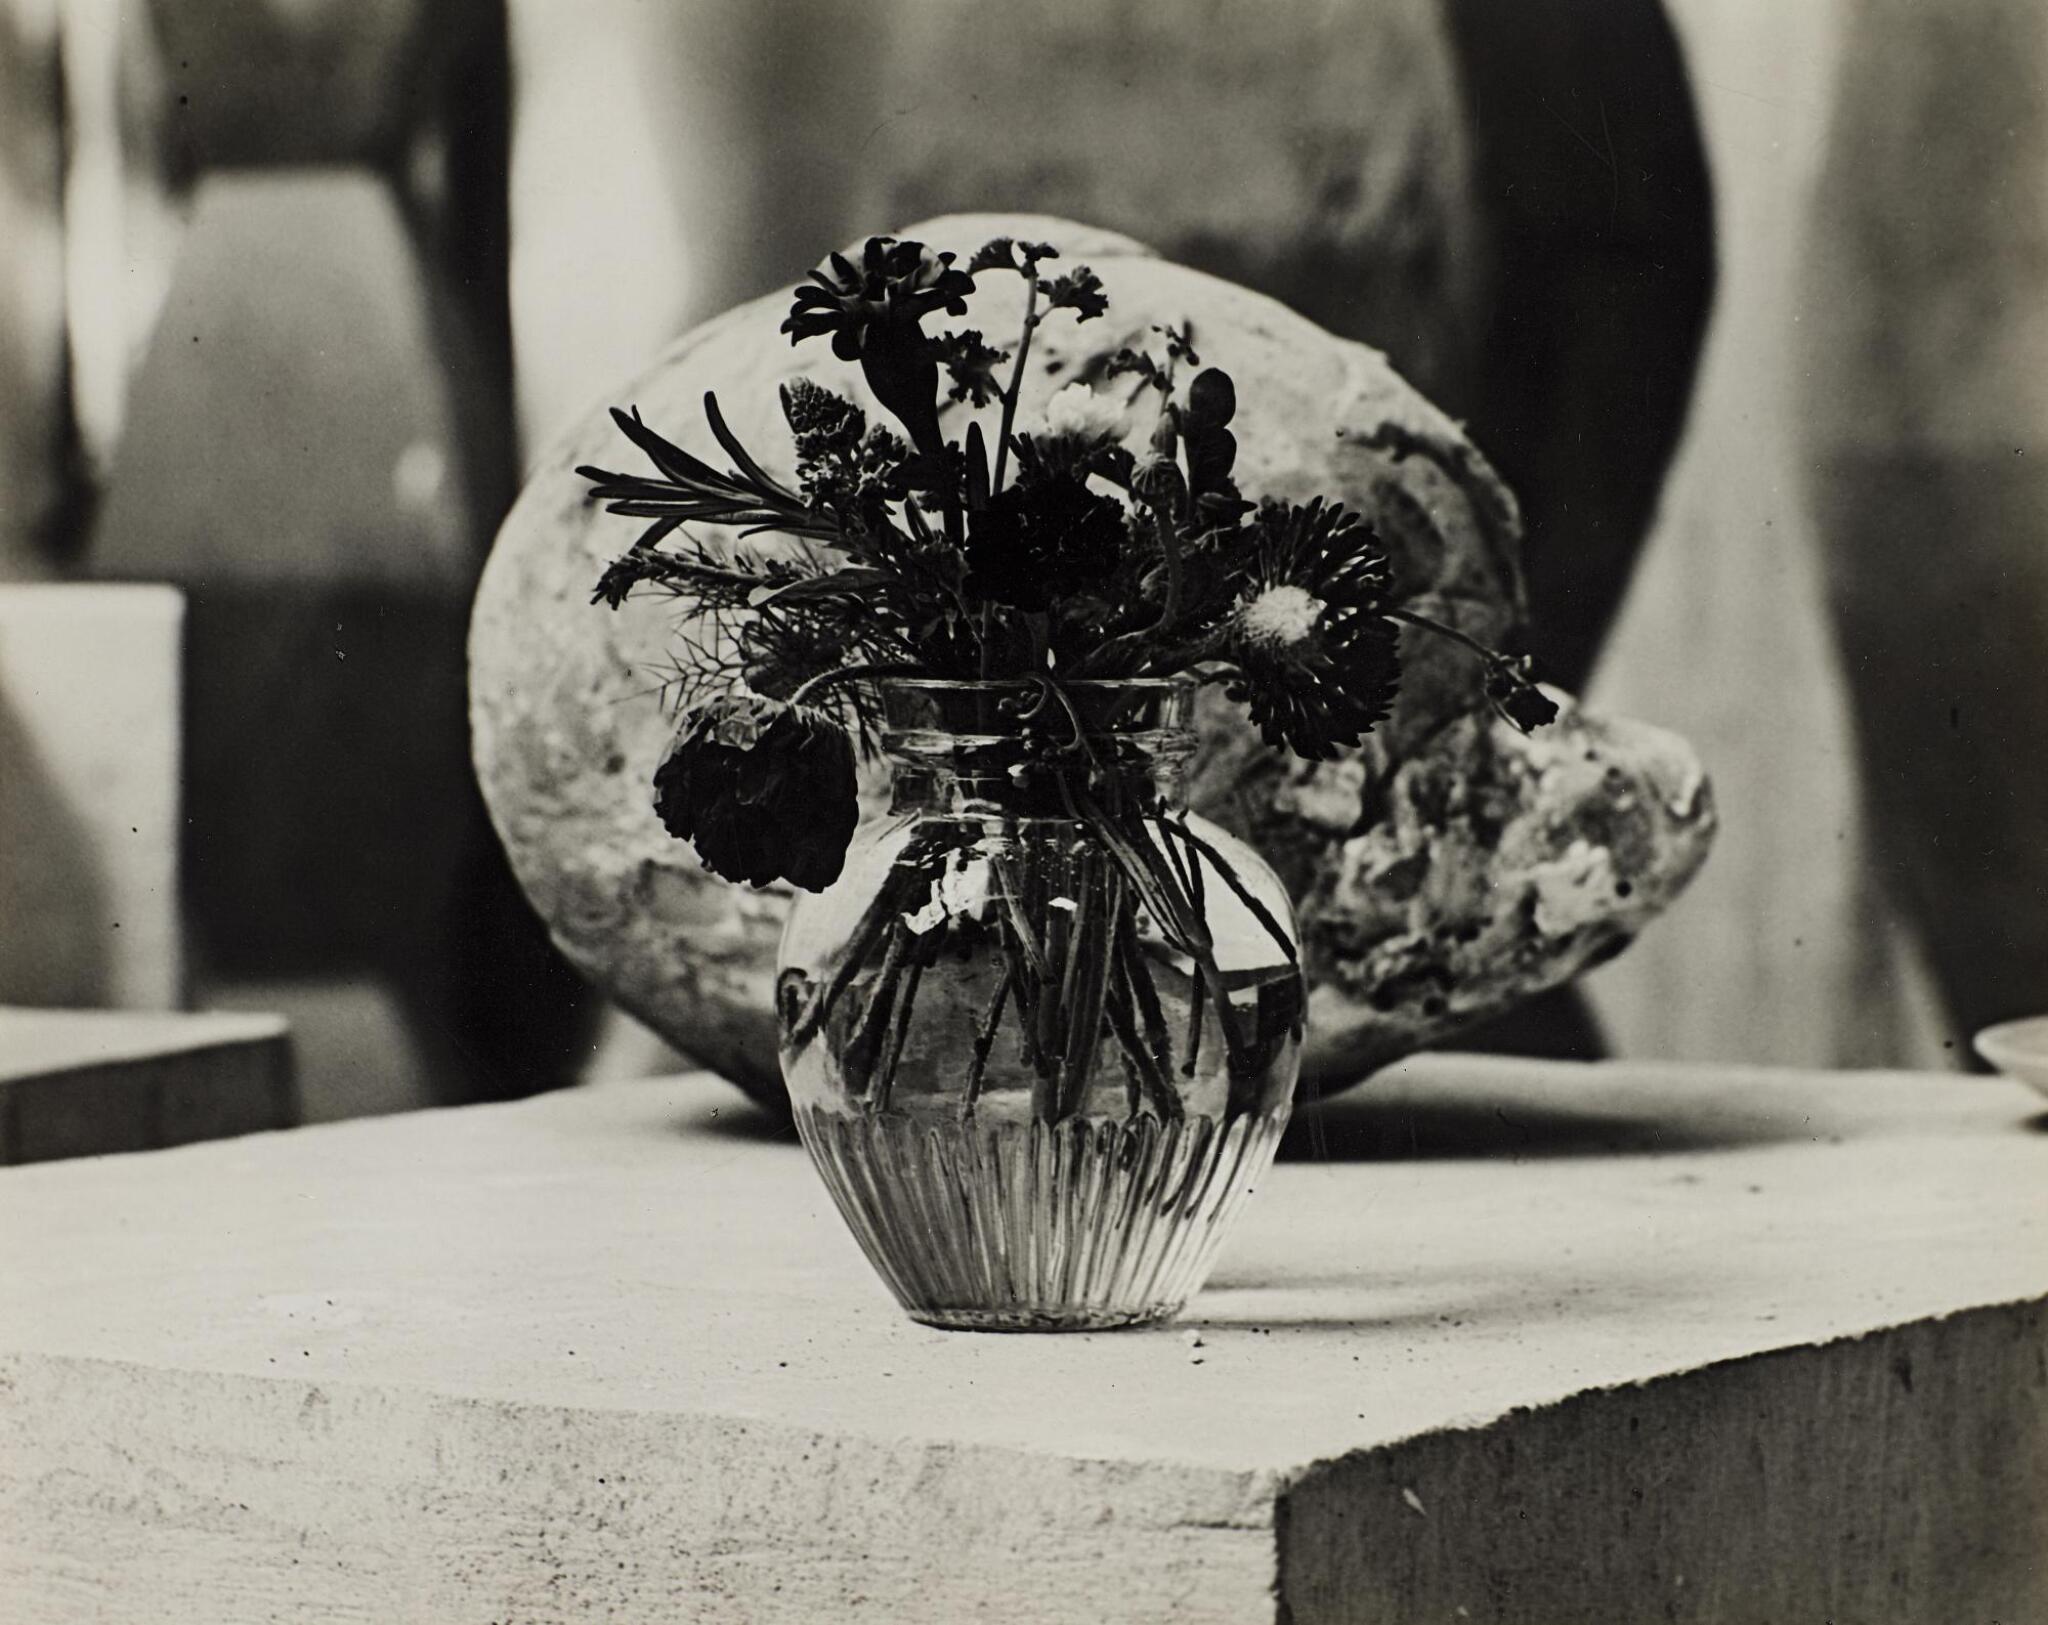 CONSTANTIN BRANCUSI | 'BOUQUET', 1930